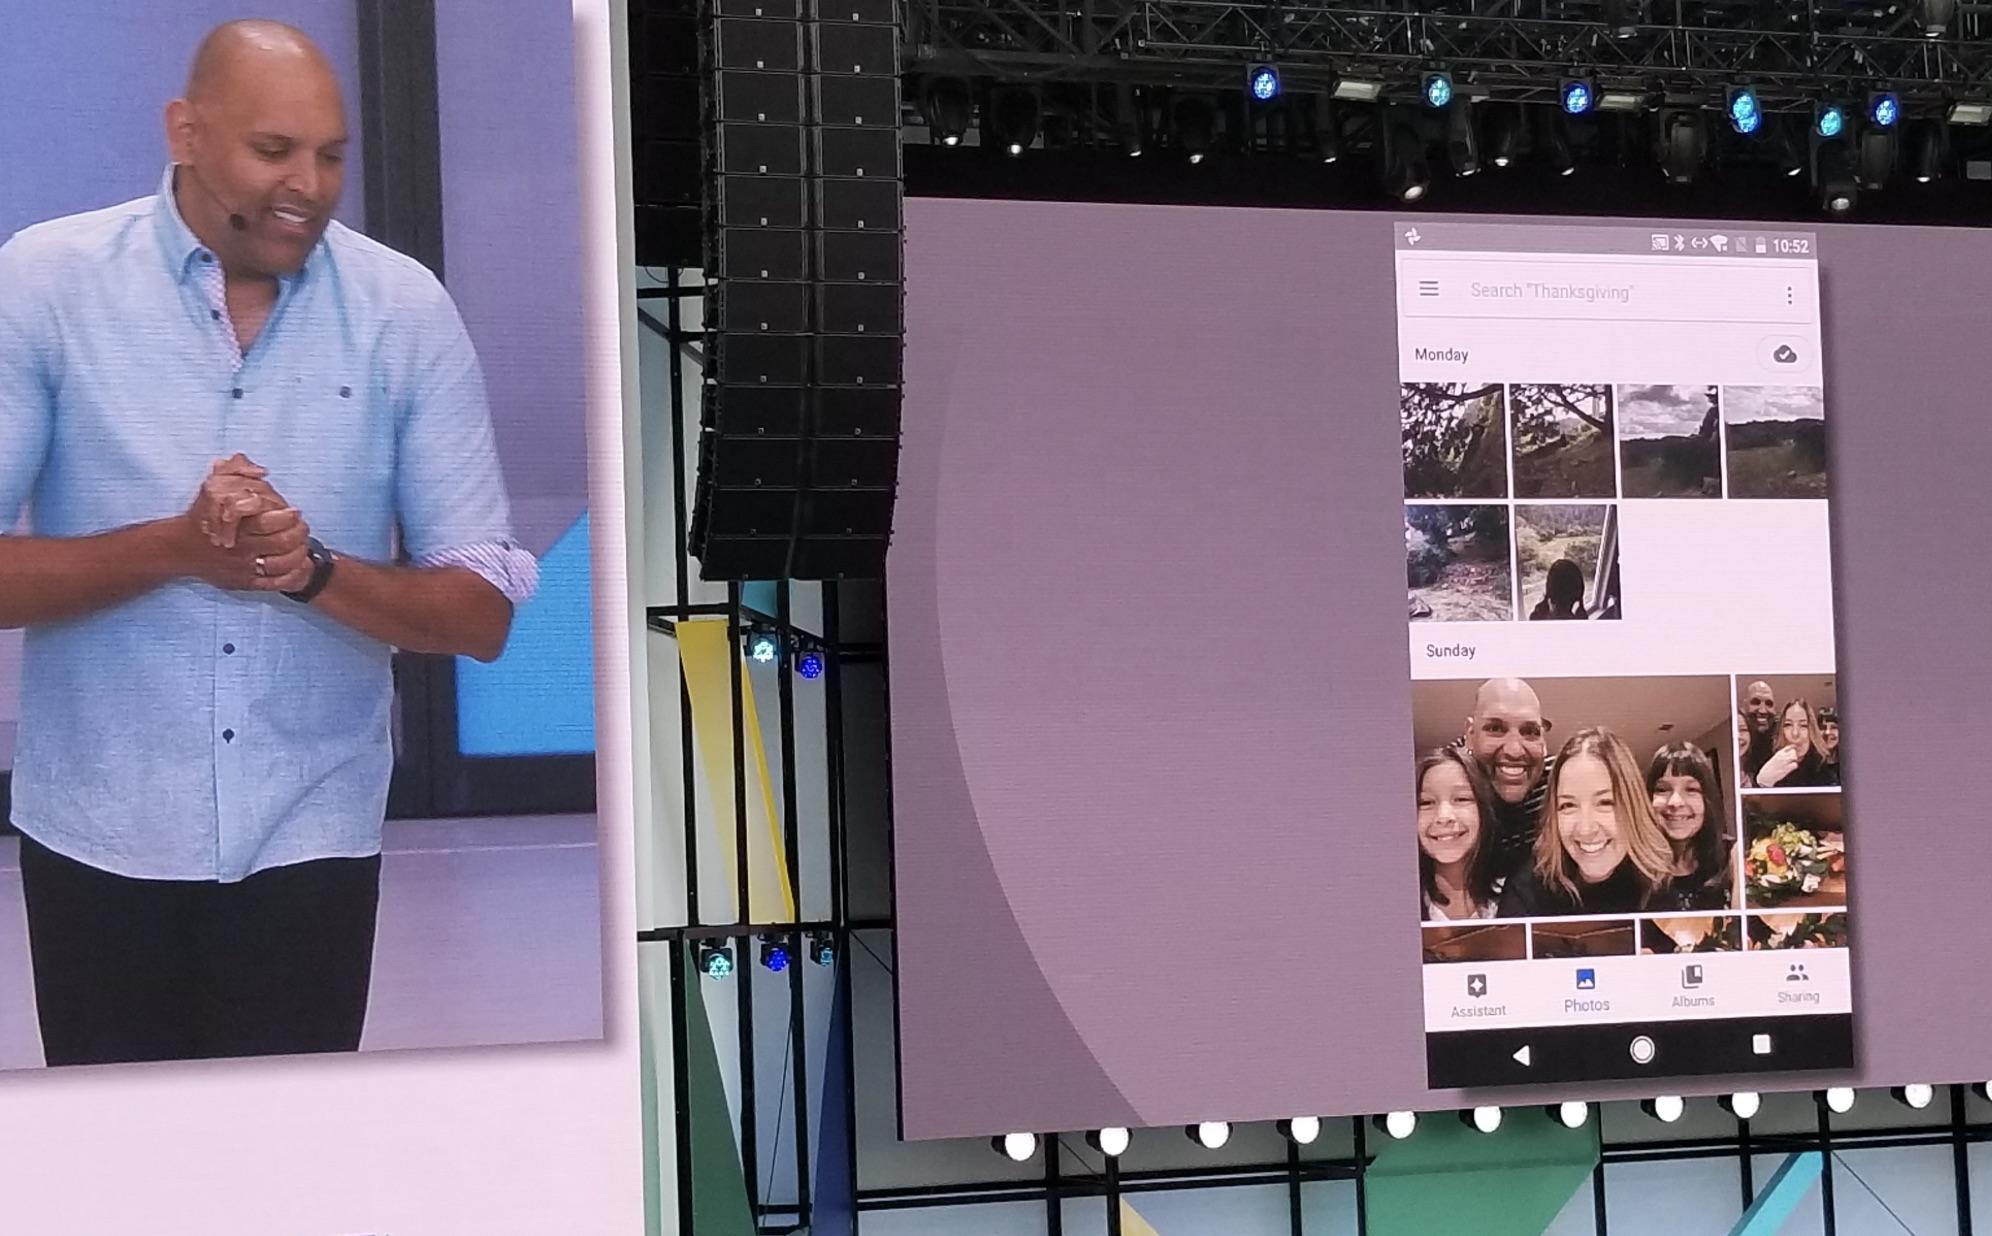 De nye Photos-funksjonene rulles ut i løpet av de kommende ukene til appene og web-en.